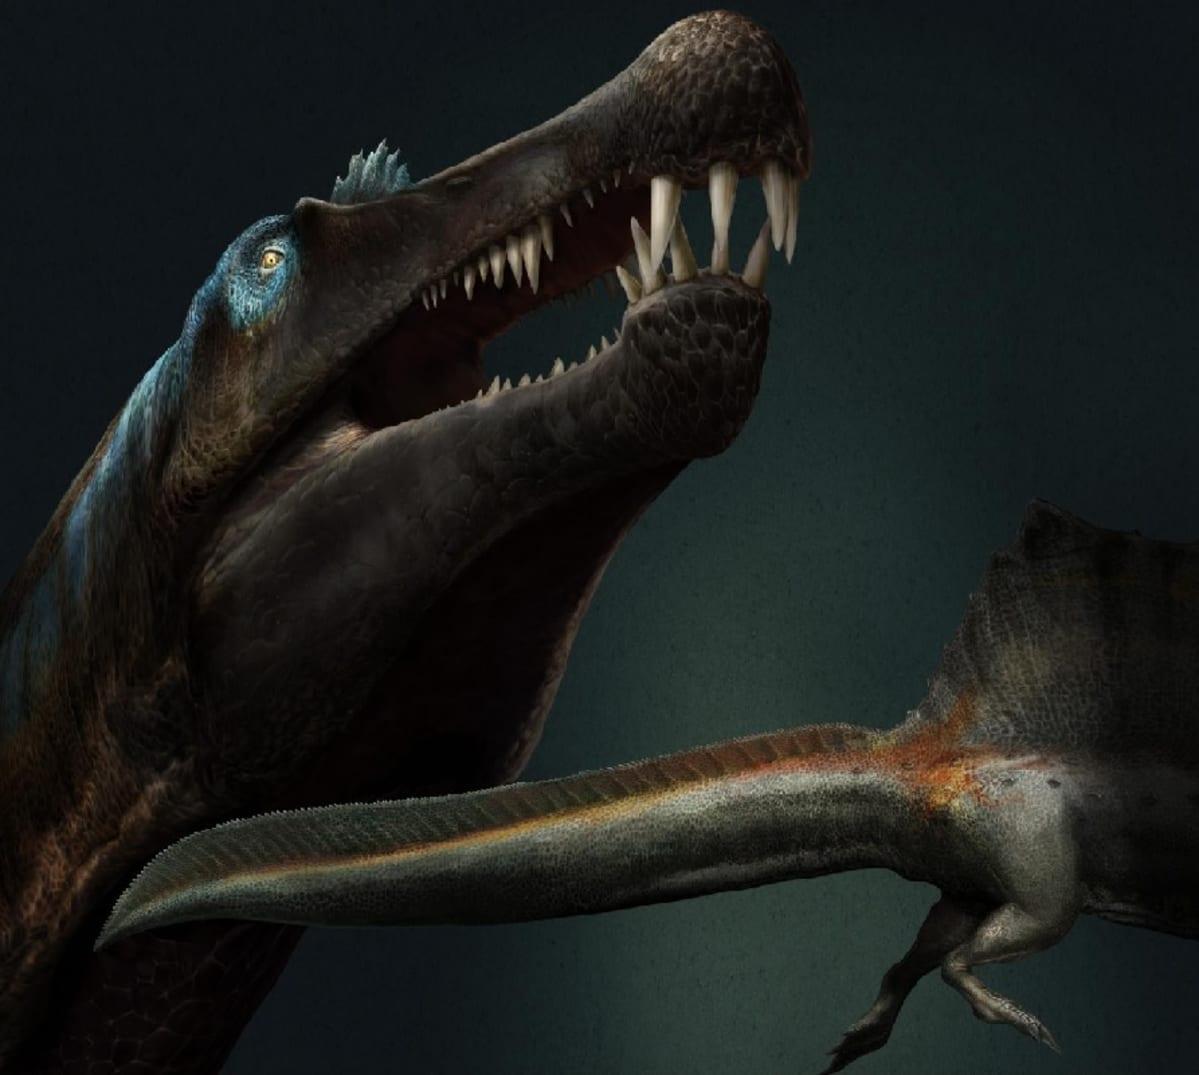 Piirroskuva dinosauruksen päästä kita avoinna sekä litteästä hännästä.